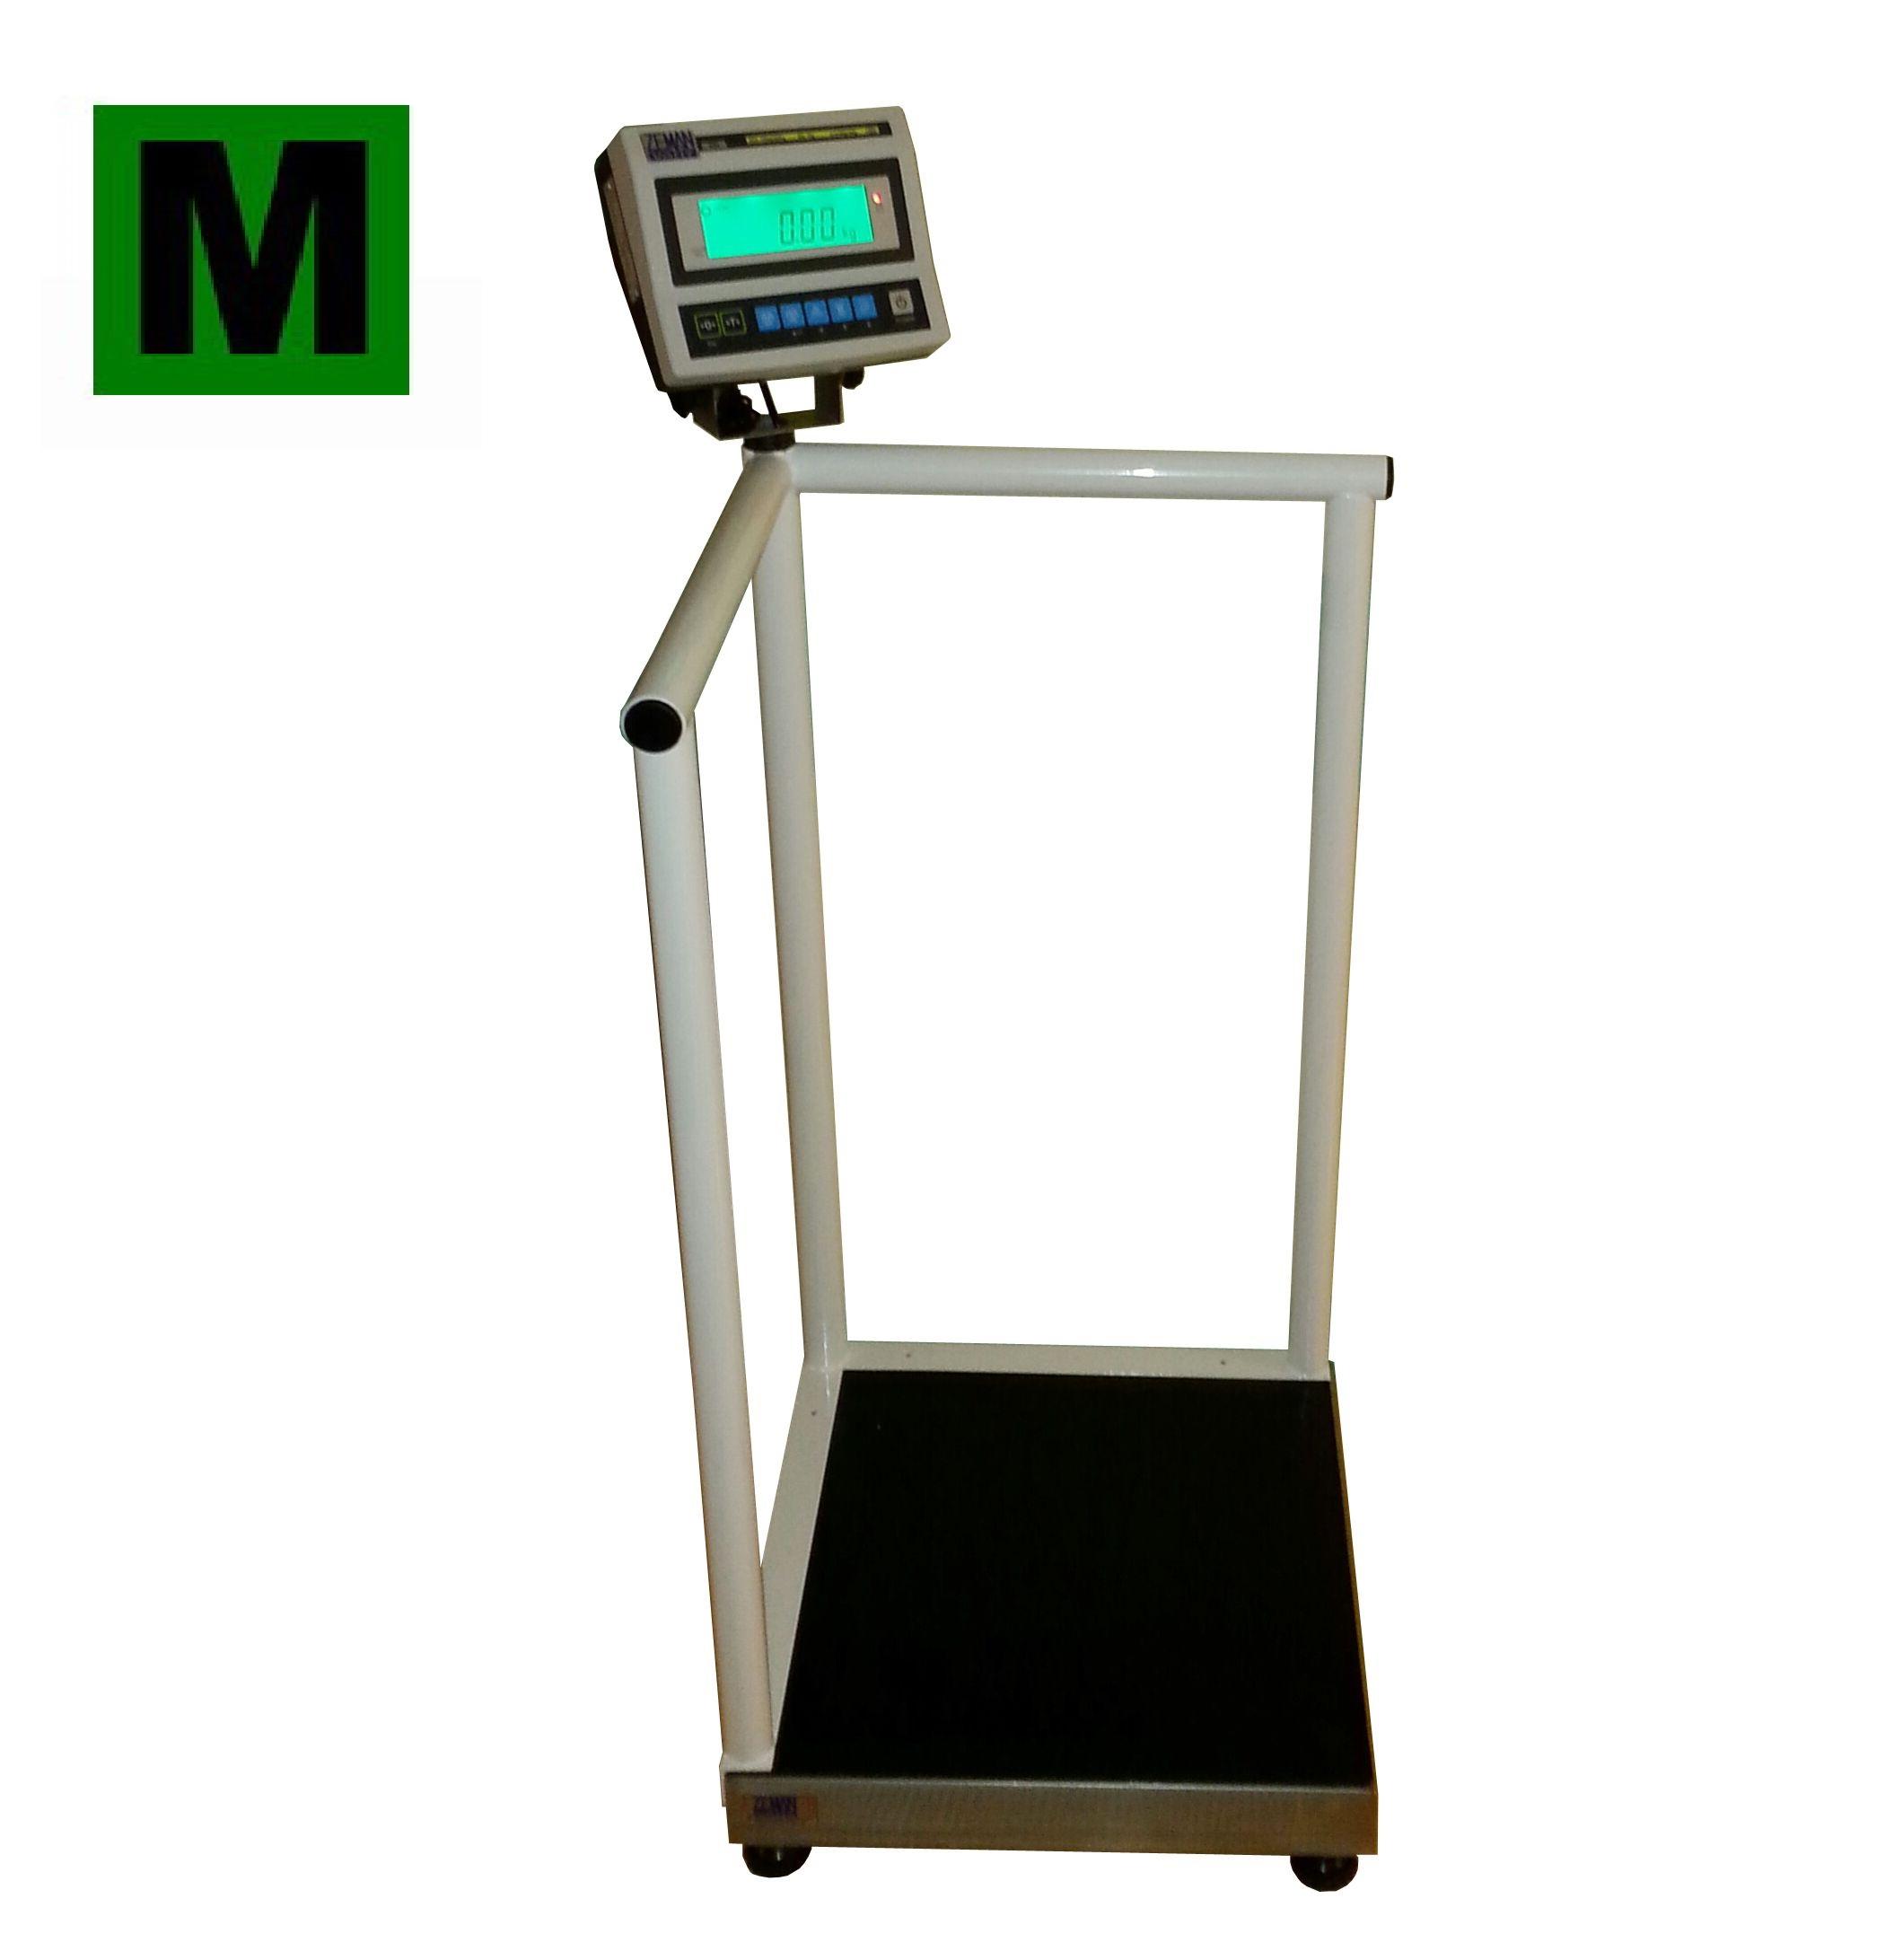 Osobní váha se zábradlím ZV1T55 do 300kg, cejchovaná (Osobní váha se zábradlím ZV1T55 s váživostí 300 kg s ES ověřením)